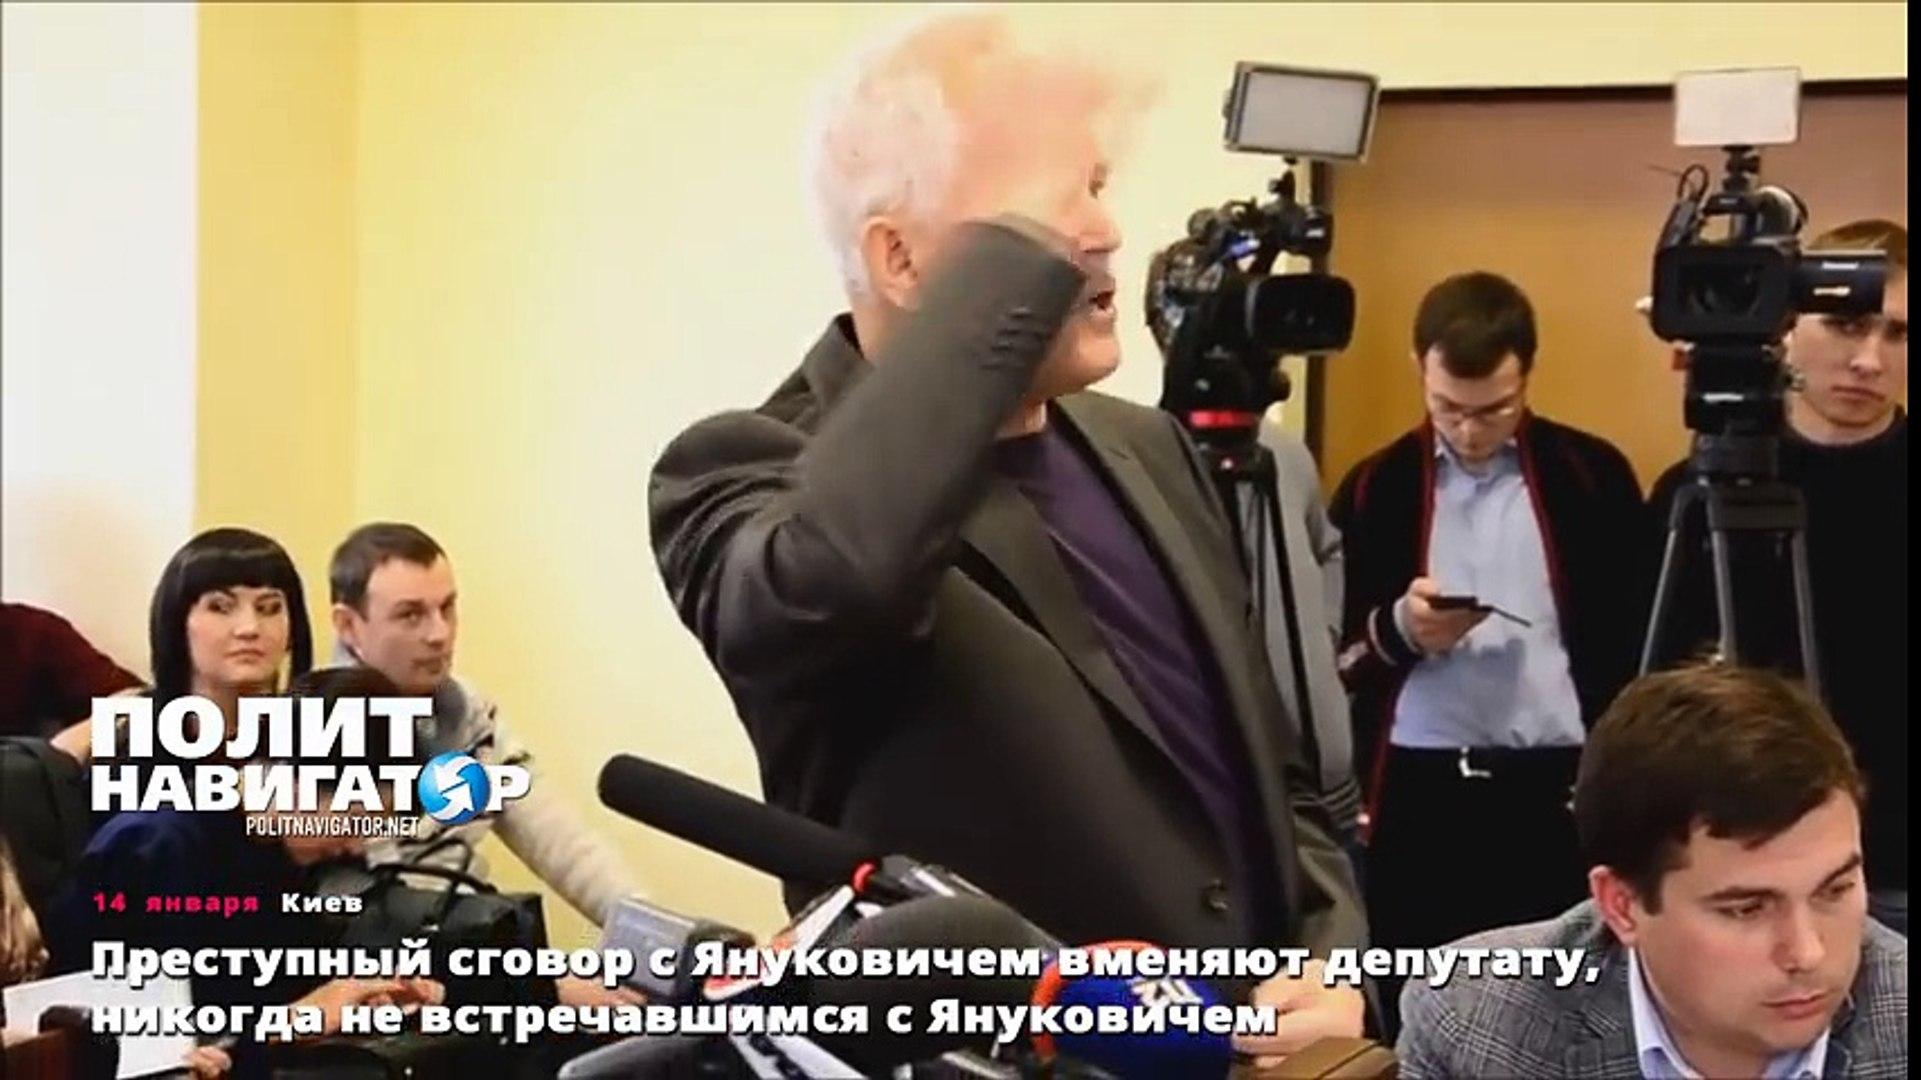 Преступный сговор с Януковичем вменяют депутату,  никогда не встречавшимся с Януковичем